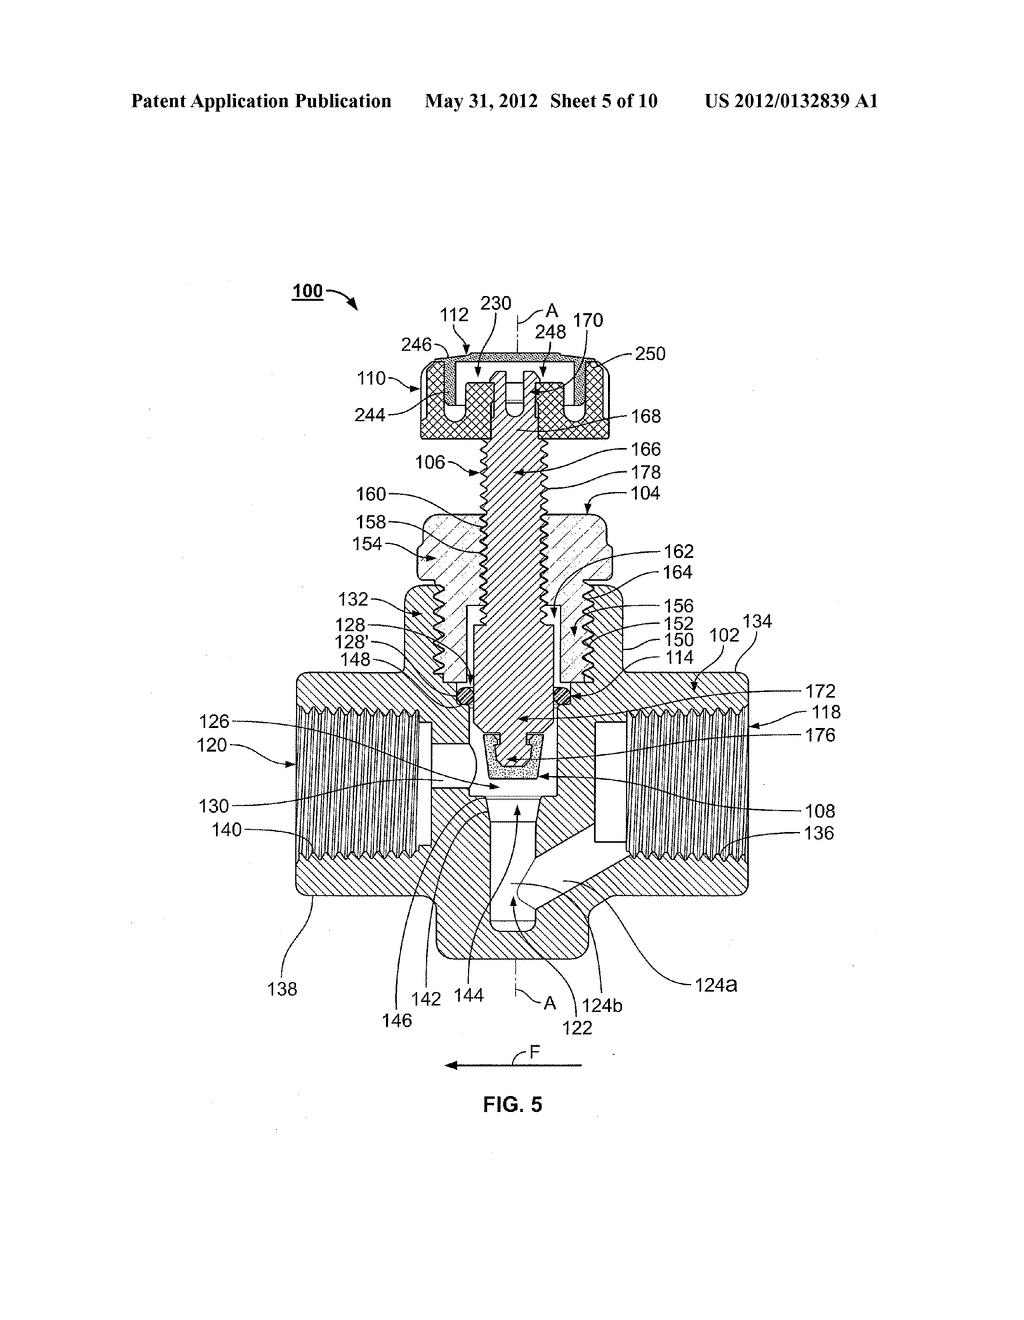 needle valve   diagram  schematic  and imageneedle valve   diagram  schematic  and image